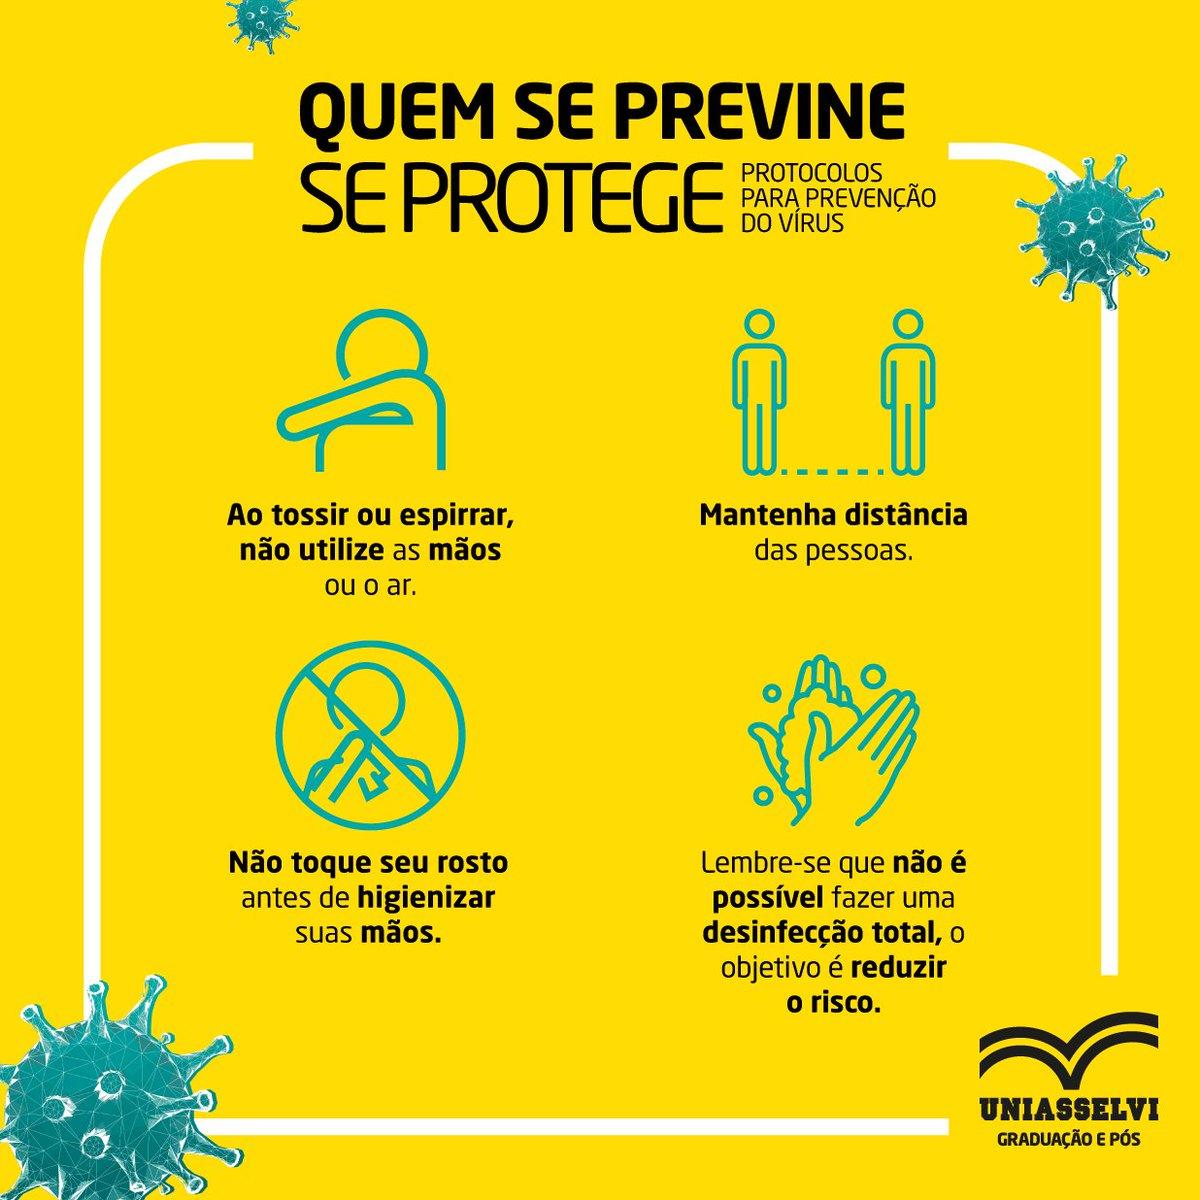 Regras básicas que não podemos esquecer para prevenção do COVID-19.  #prevenção #proteção #riscos #Laveasmãos https://t.co/NcWCkrMJRl